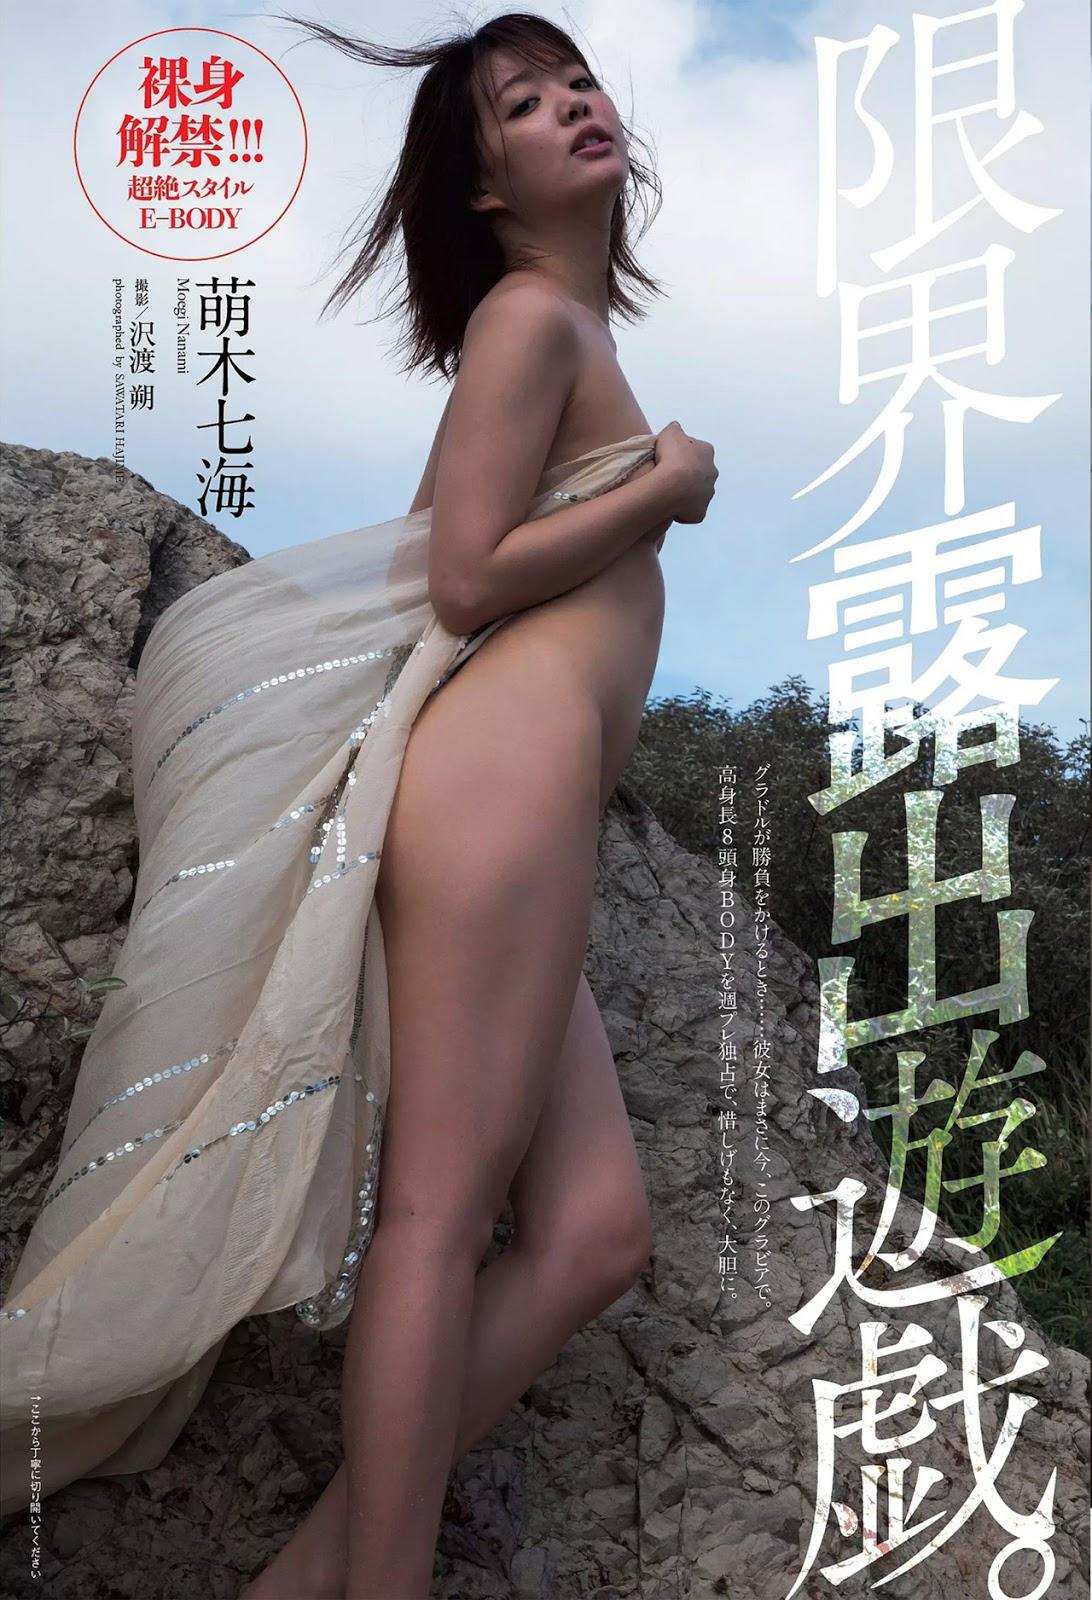 Nanami Moegi 萌木七海, Weekly Playboy 2017 No.51 (週刊プレイボーイ 2017年51号)